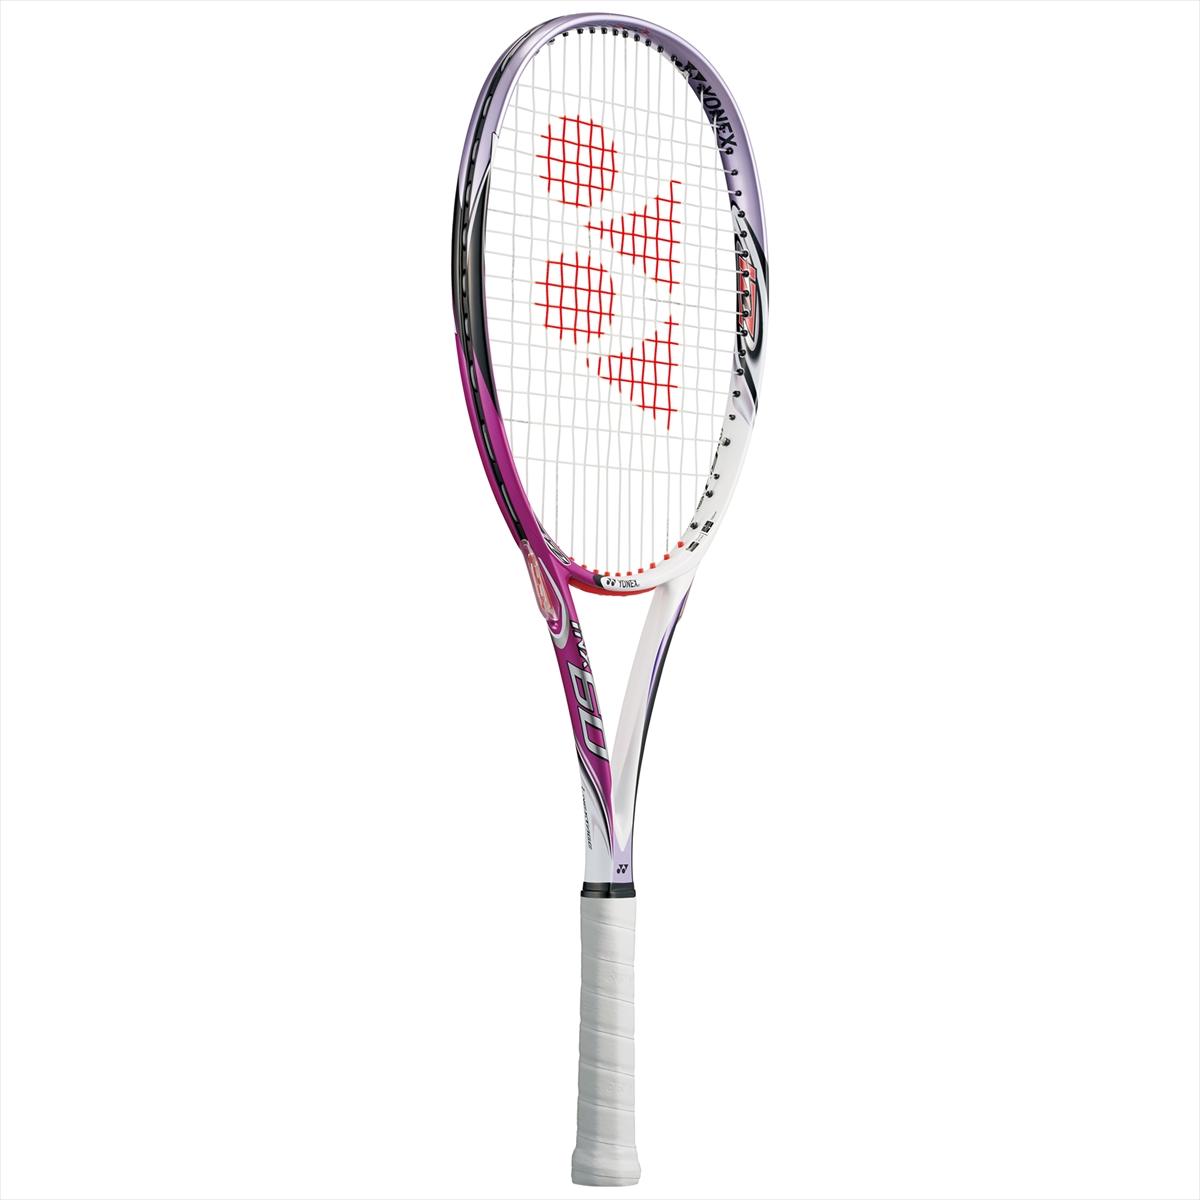 ヨネックス YONEX INX60 ソフトテニス ラケット アイネクステージ60 シャインパープル 16FW